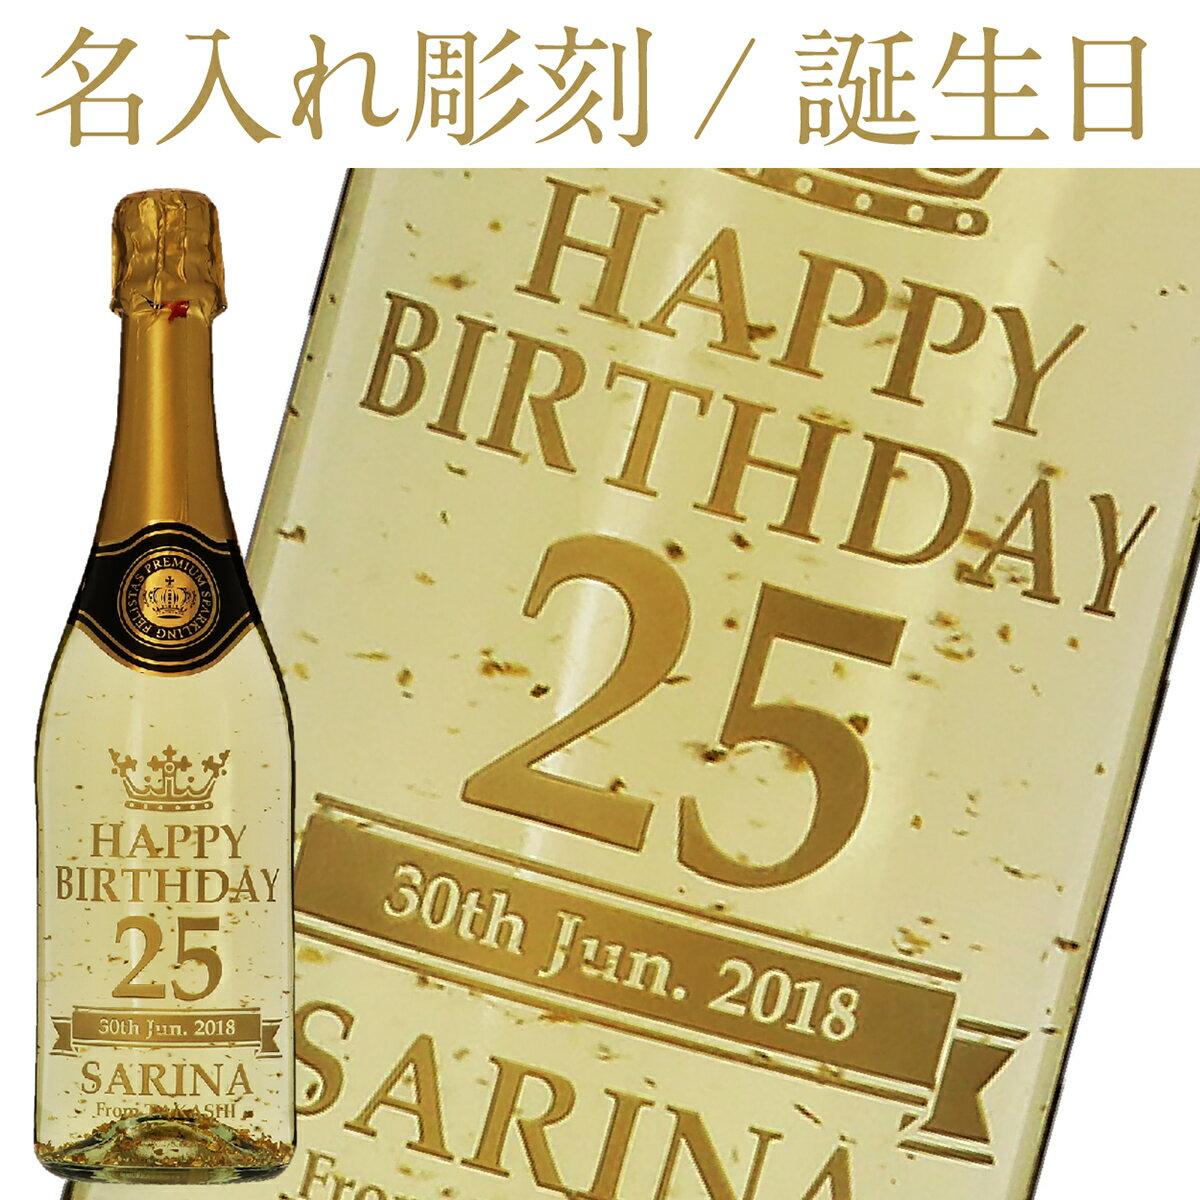 【彫刻】【送料無料】 名入れ フェリスタス プレミアム スパークリングワイン 箱付 750ml ドイツ フルラベル 誕生日 プレゼント ギフト ラッピング無料